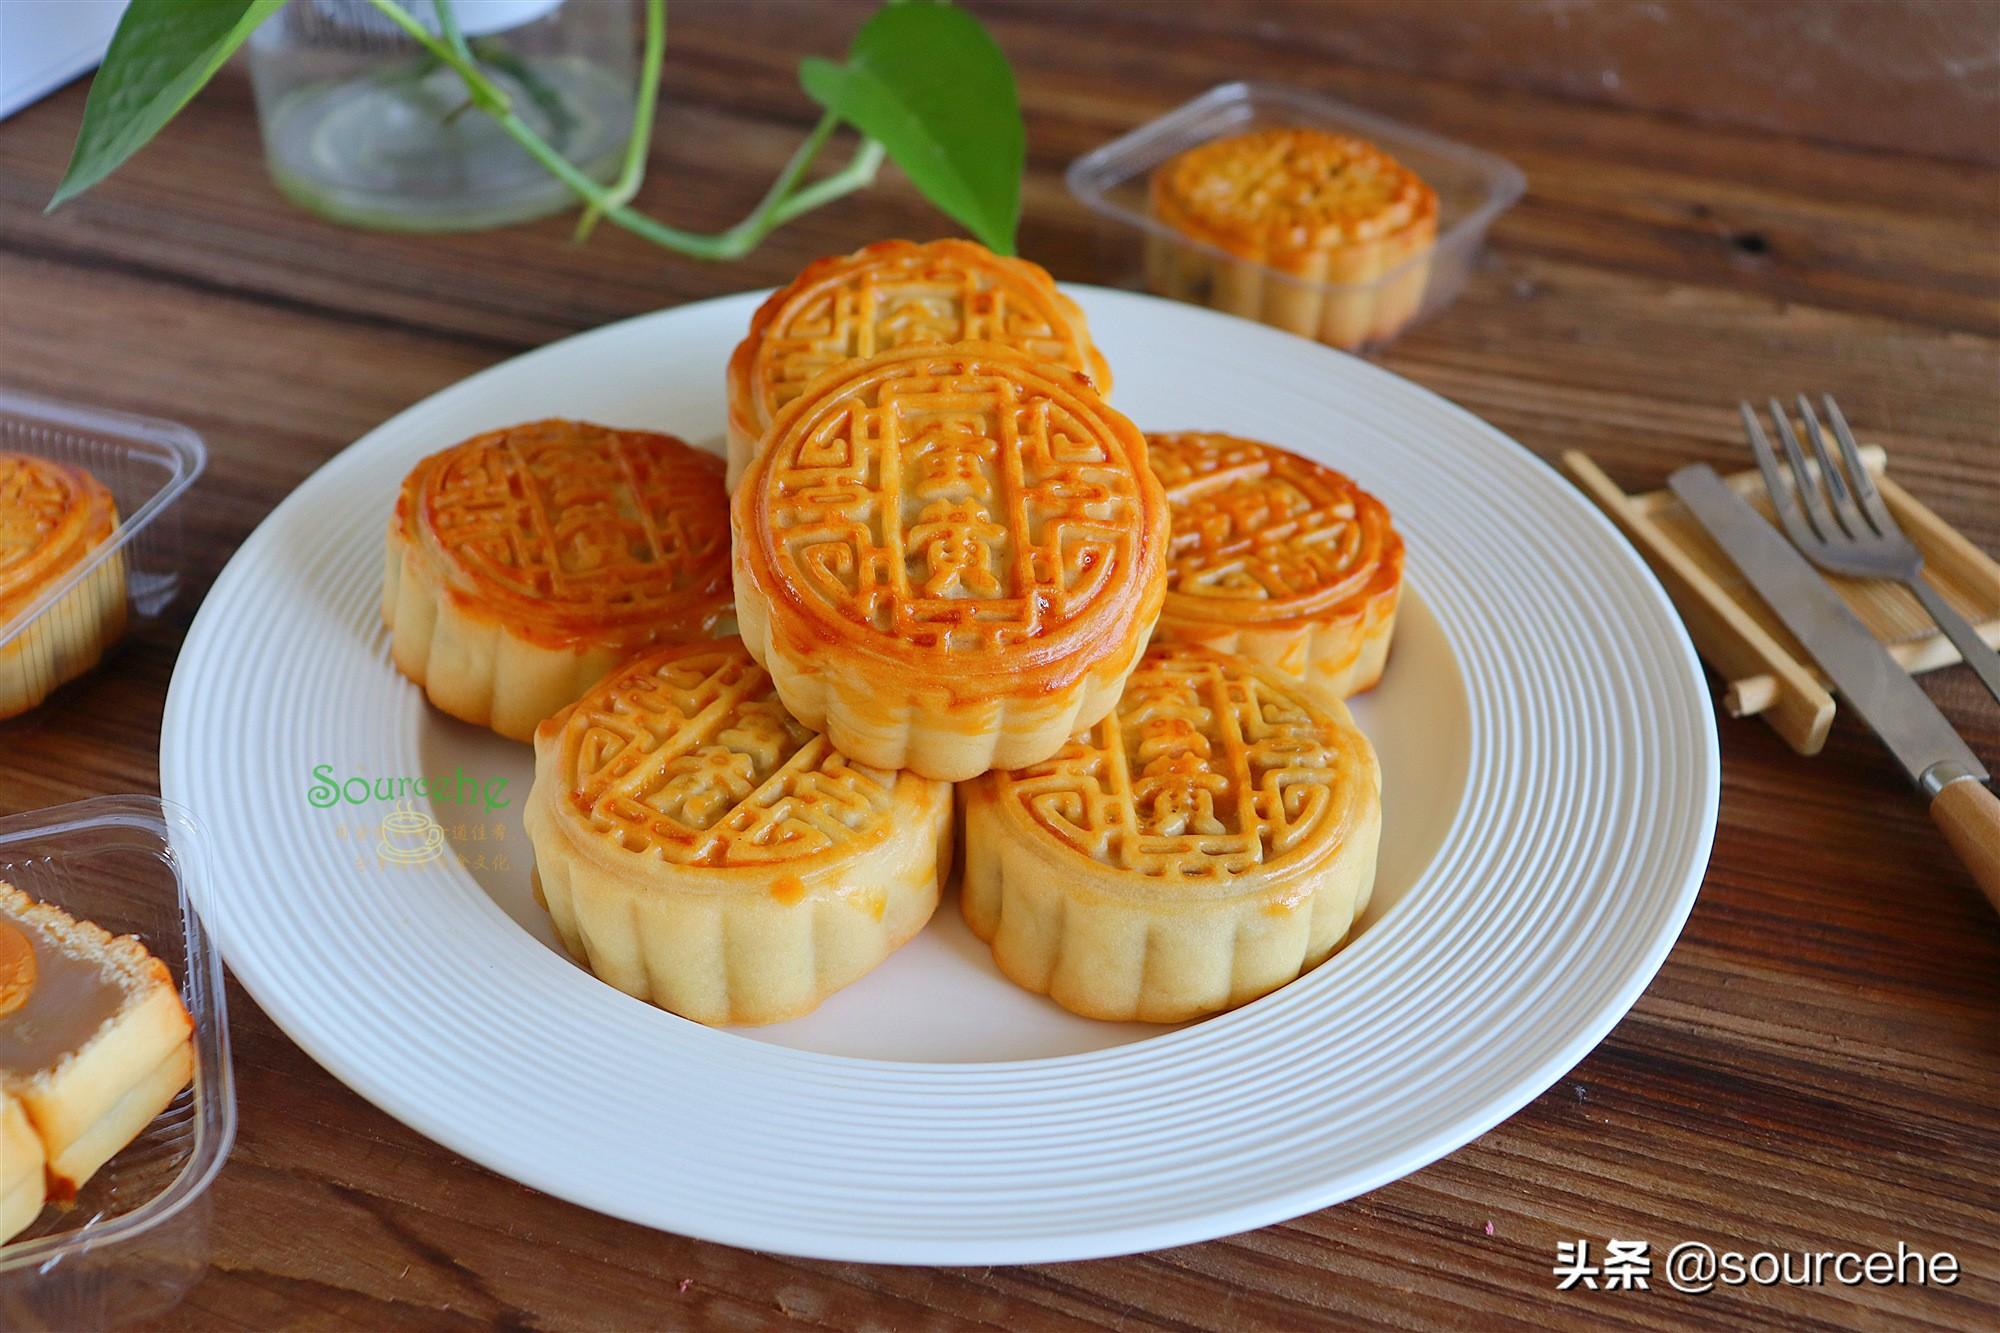 广式莲蓉蛋黄月饼,掌握3个技巧,色泽金黄,皮薄香润,回油快